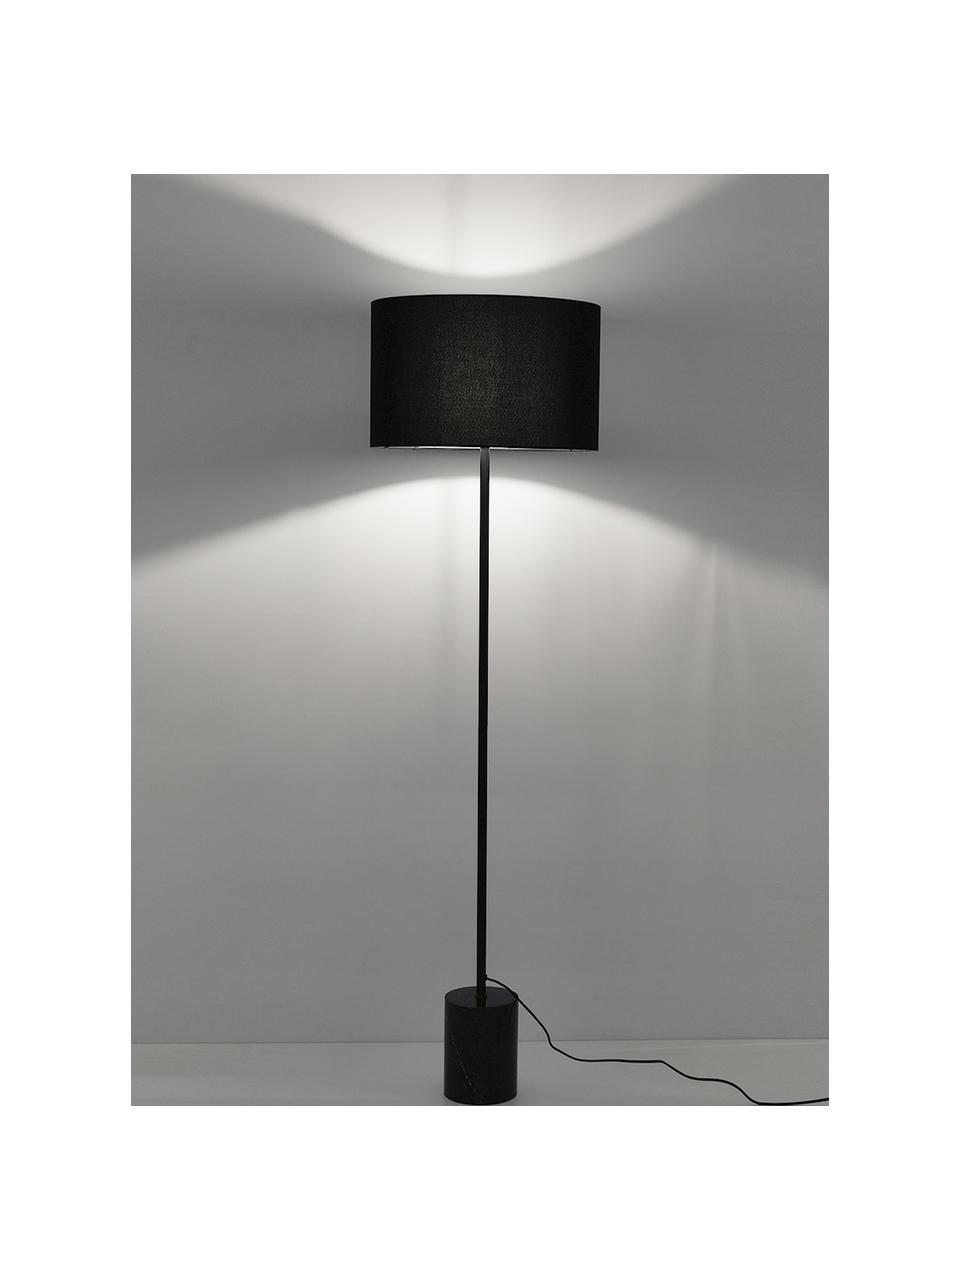 Stehlampe Cody mit Marmorfuß, Lampenschirm: Textil, Lampenfuß: Marmor, Gestell: Metall, pulverbeschichtet, Schwarzer Marmor, Ø 45 x H 159 cm